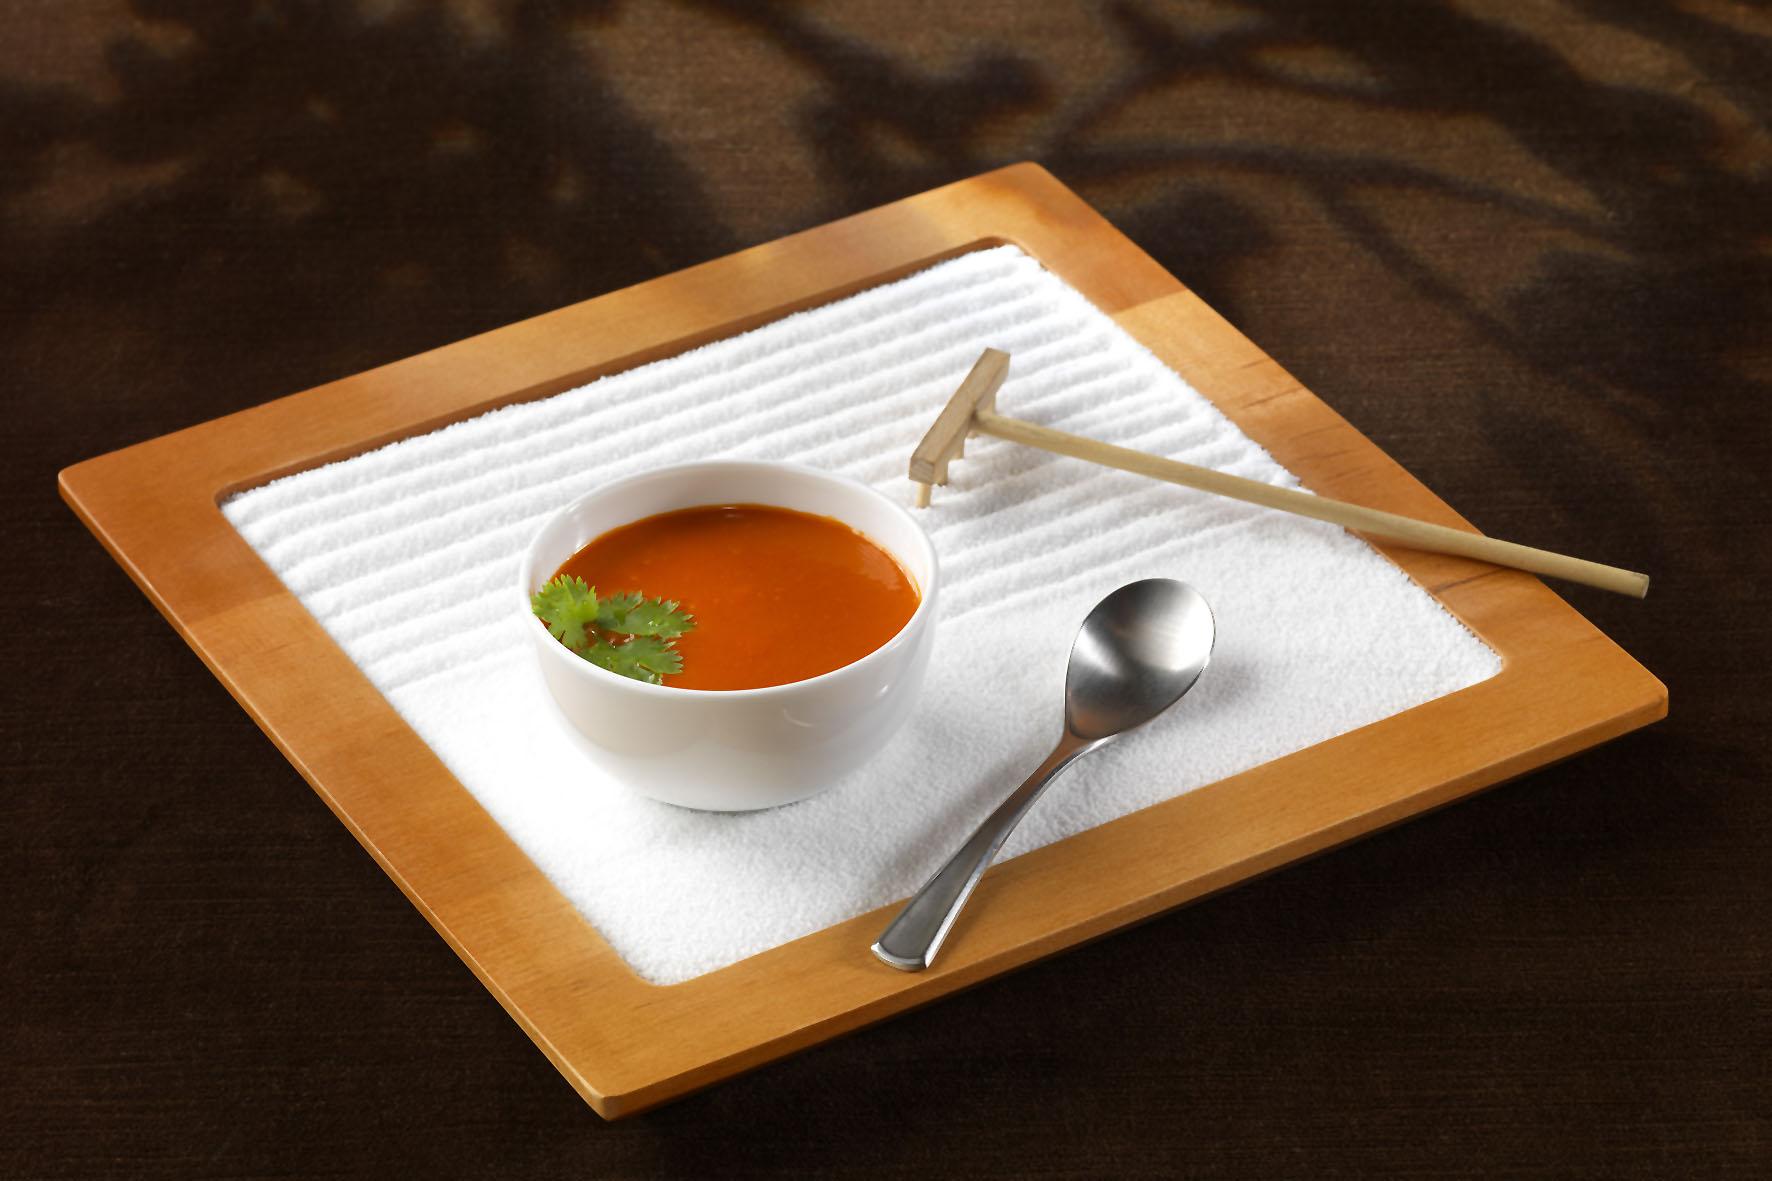 Gerichte wie eine Gemüsesuppe liefern Sportlern die richtige Energie ohne den Körper zu belasten.